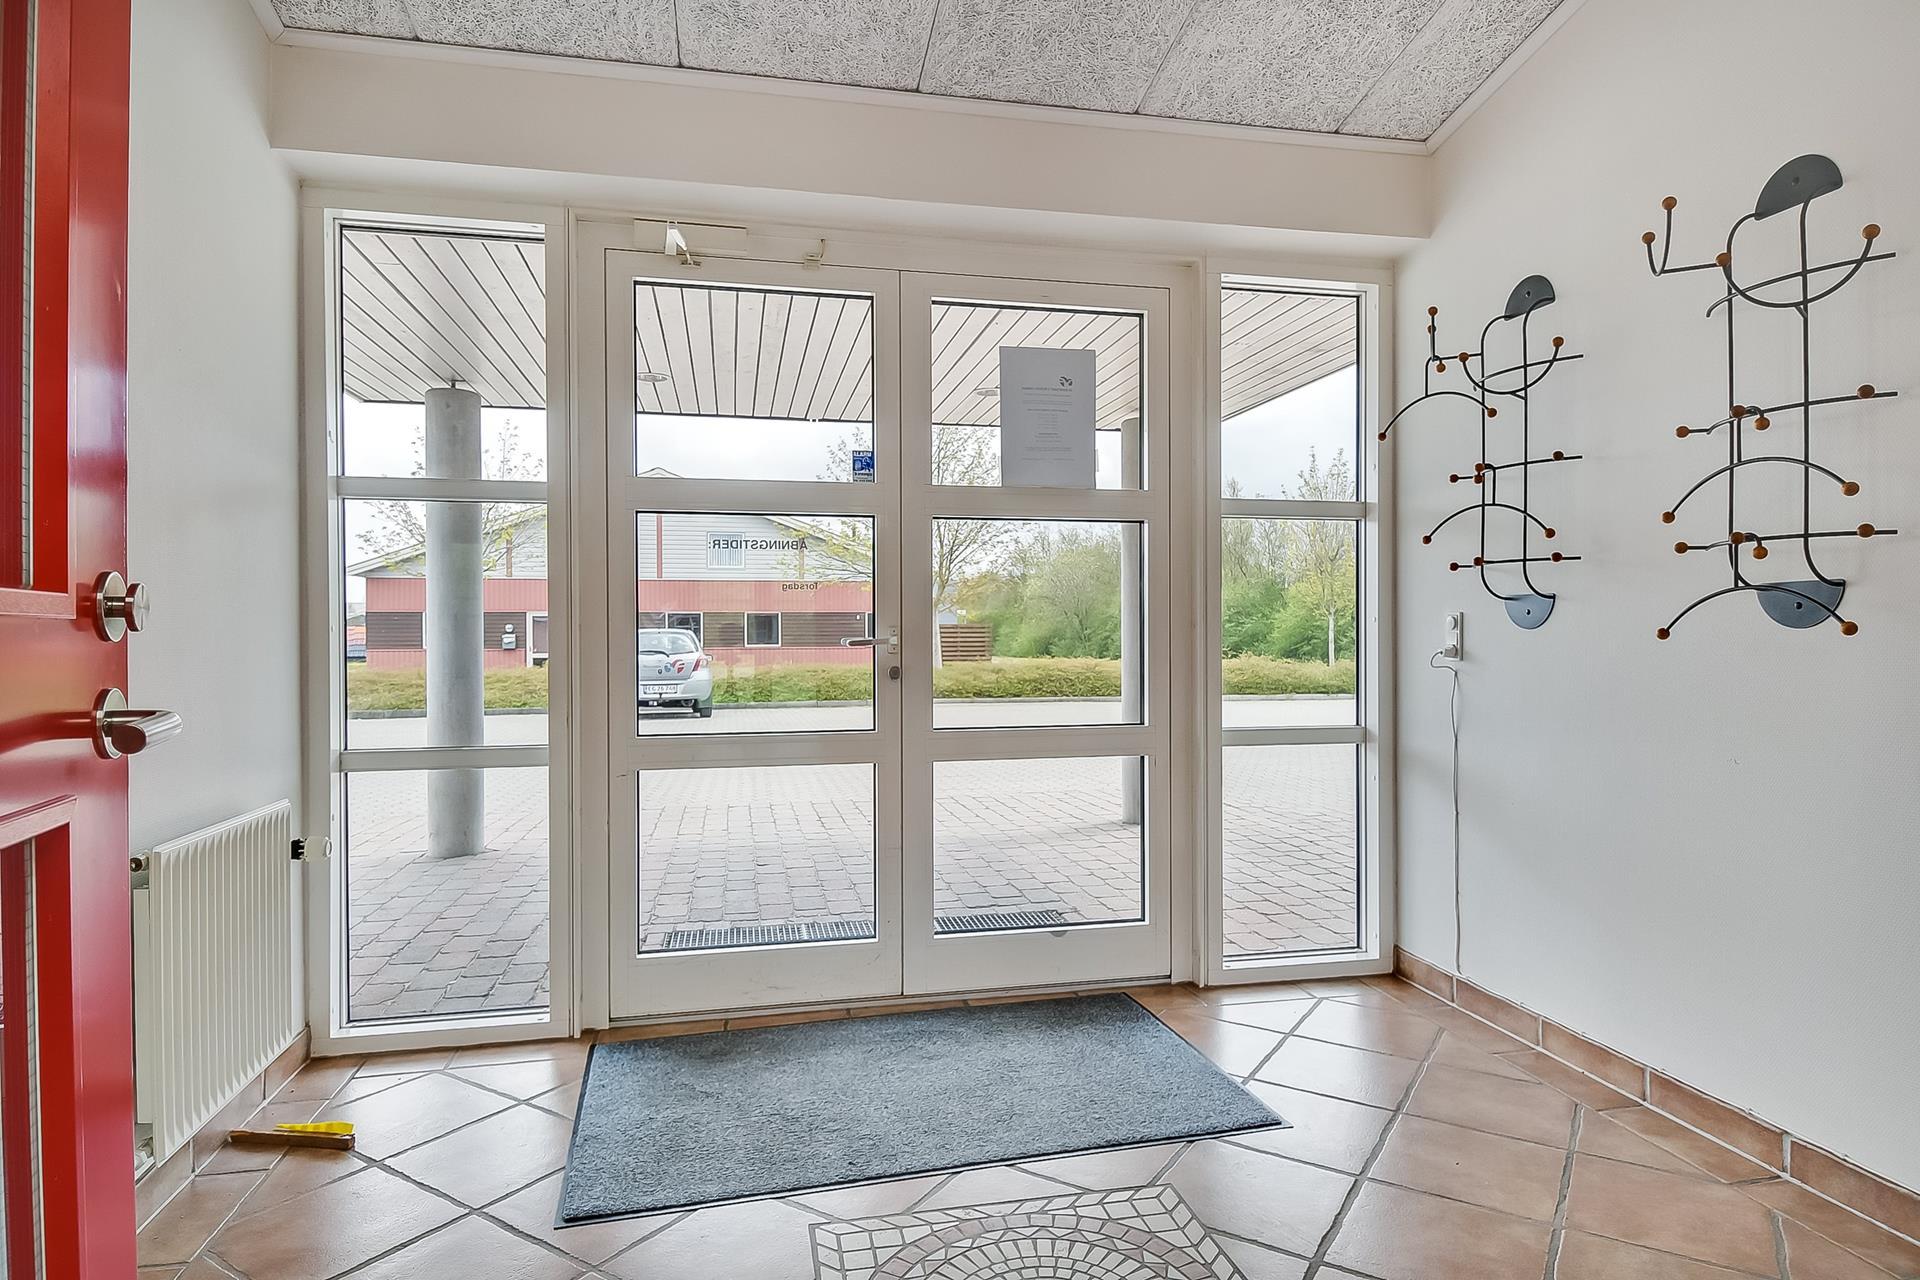 Bolig/erhverv på Viaduktvej i Ølgod - Entré